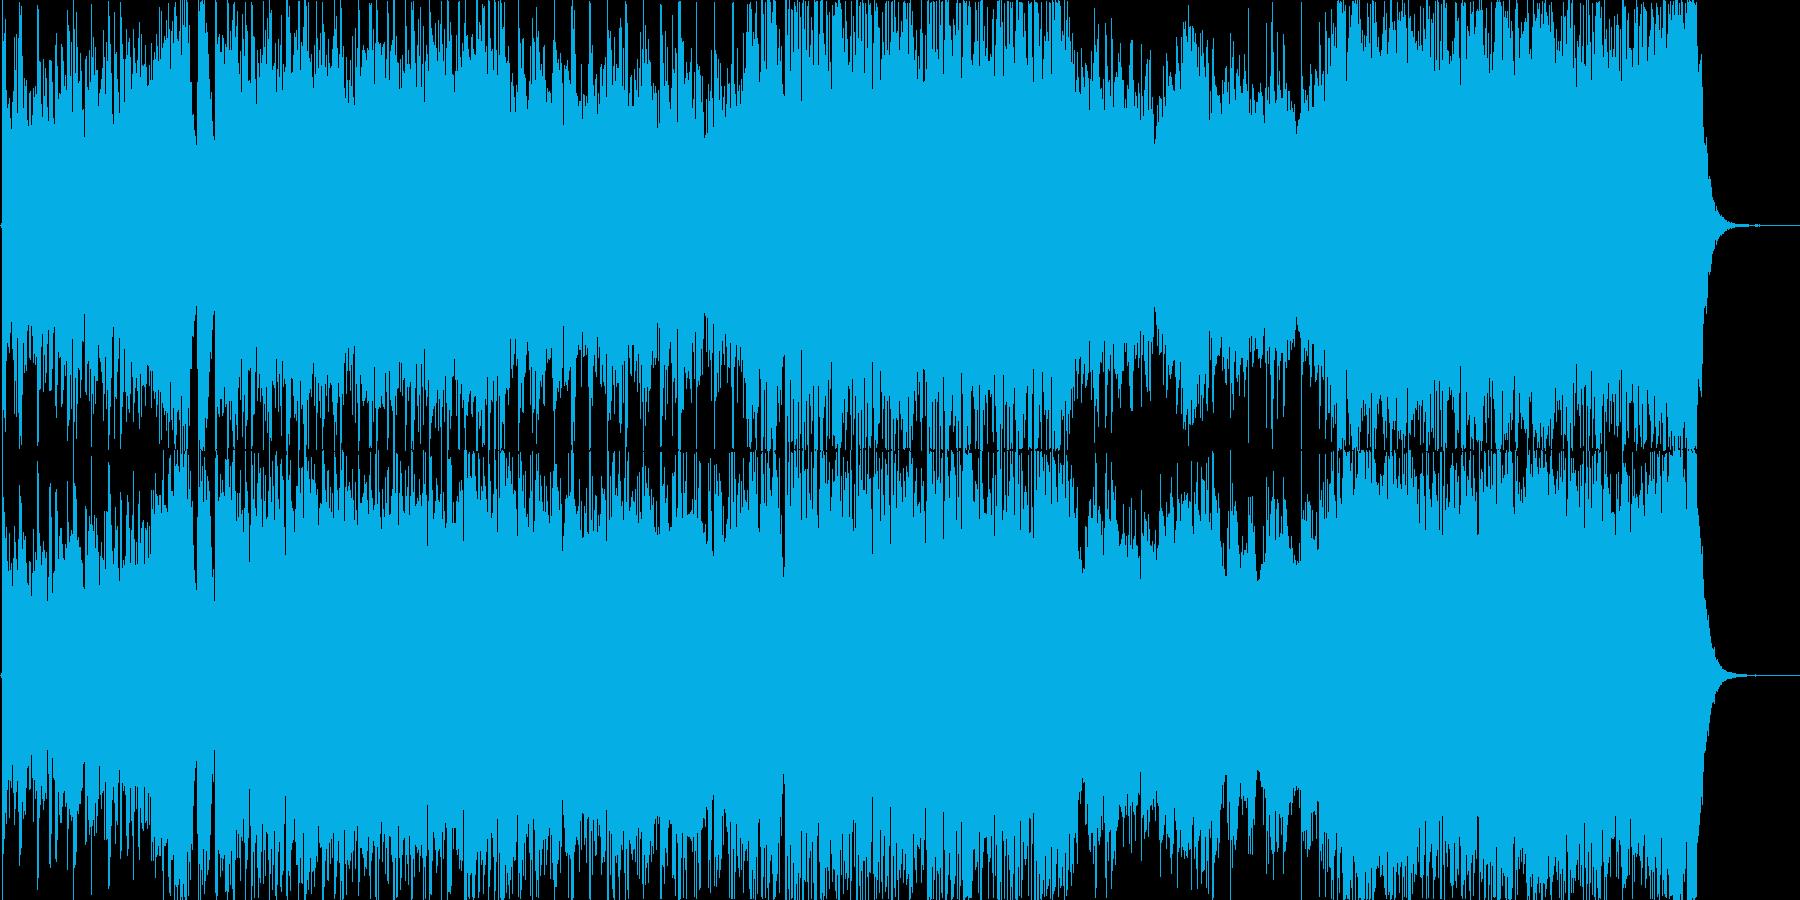 ドラマチックで情熱的なオーケストラ風の曲の再生済みの波形